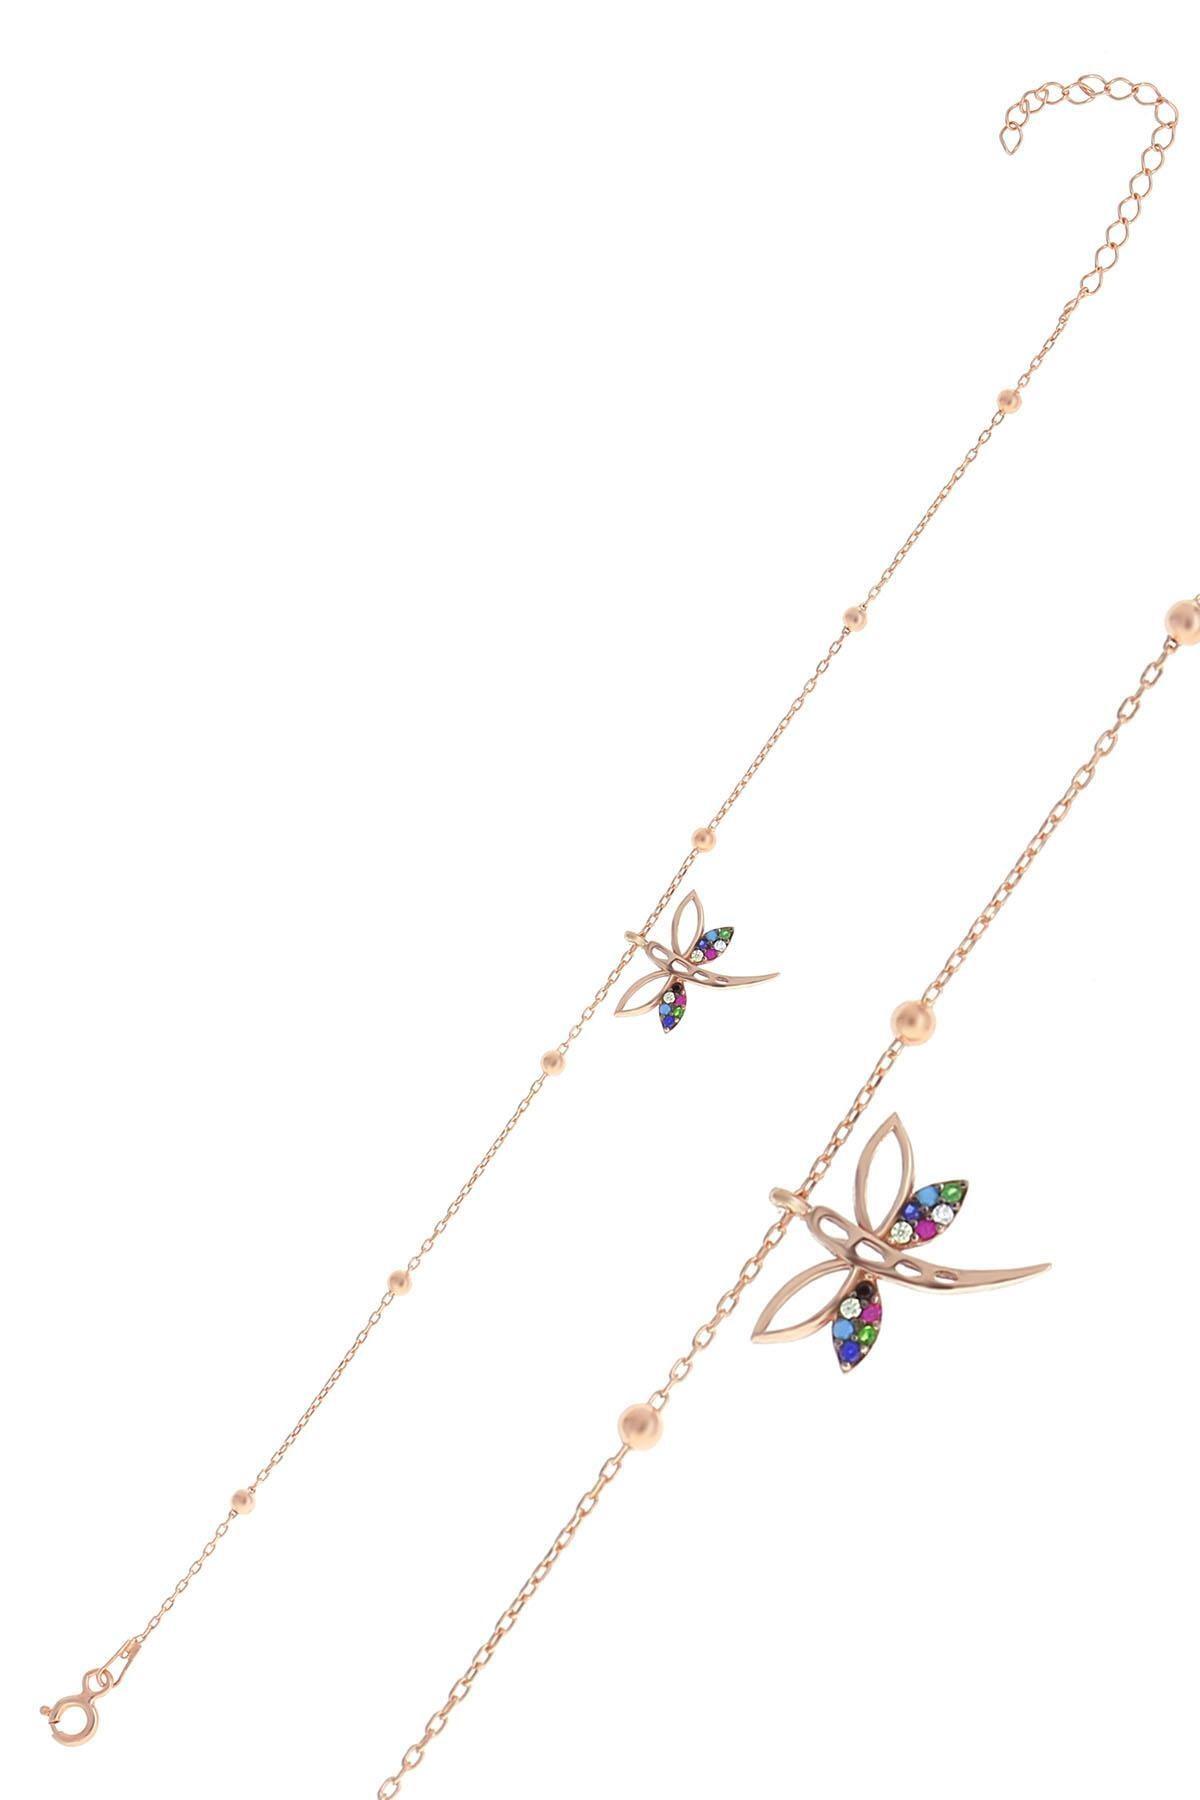 Söğütlü Silver Gümüş Rose Top Top Zincirli Yusufçuk Bileklik